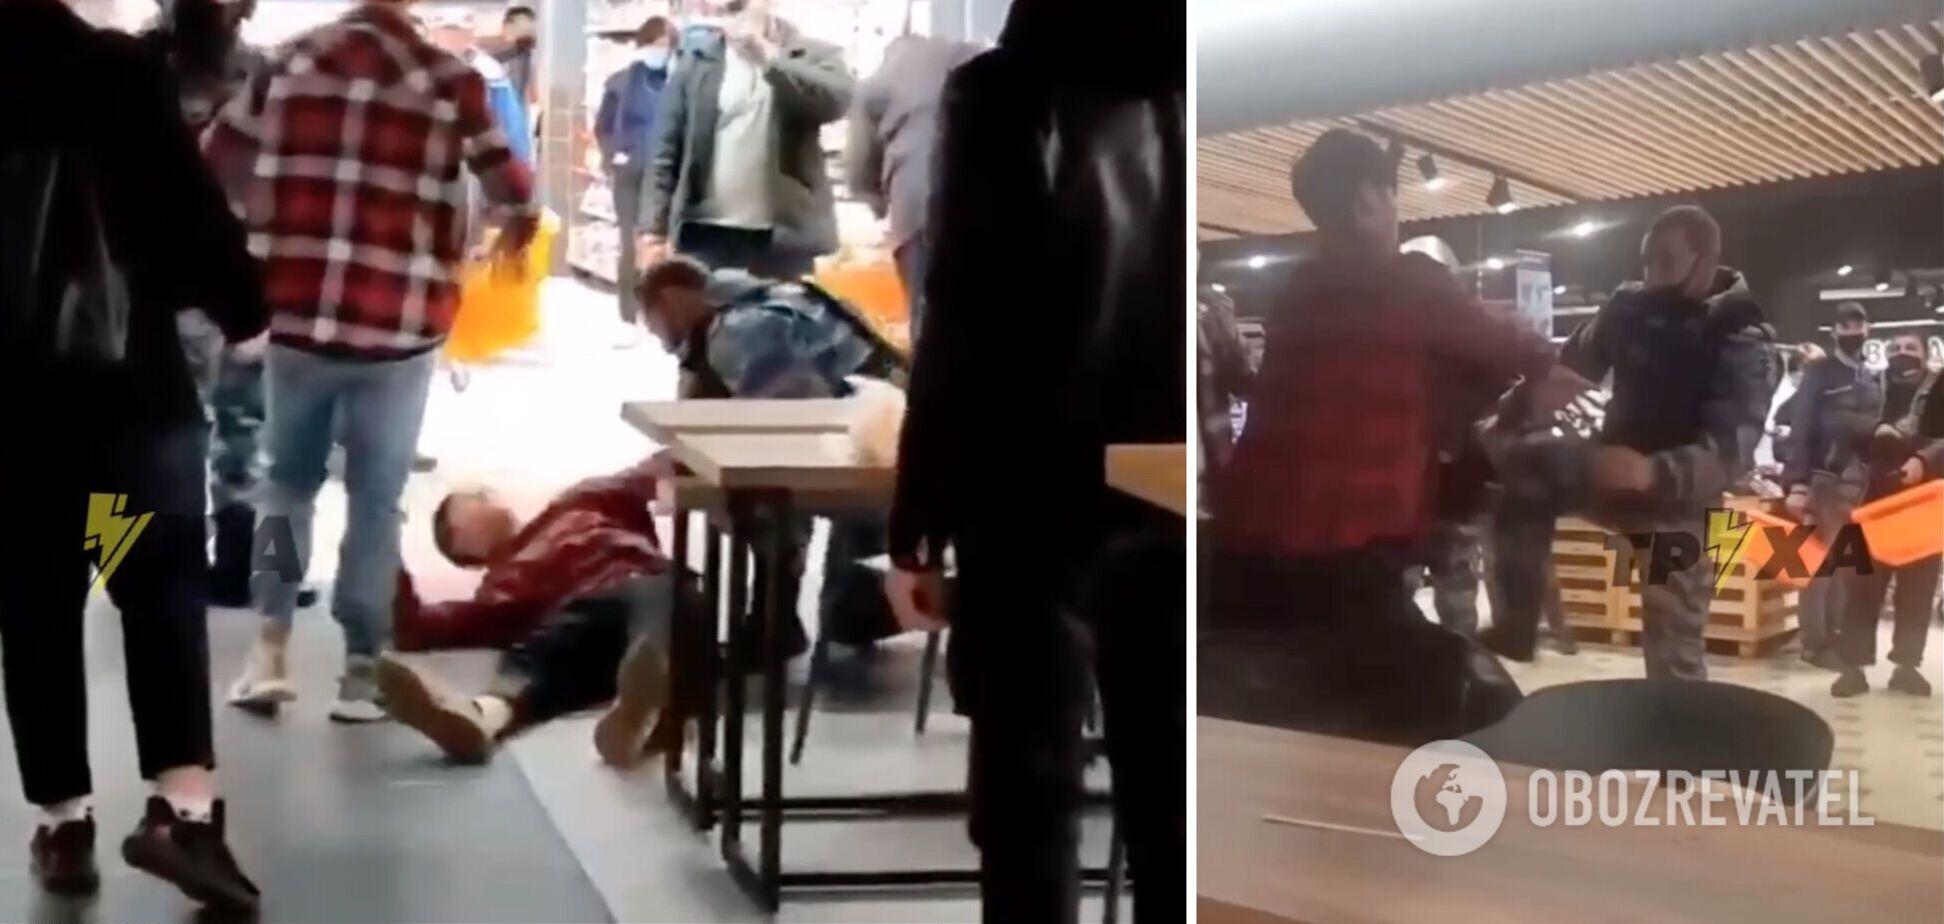 У Харкові підлітки влаштували бійку через куріння в кафе: охорона застосувала 'перцівку'. Відео